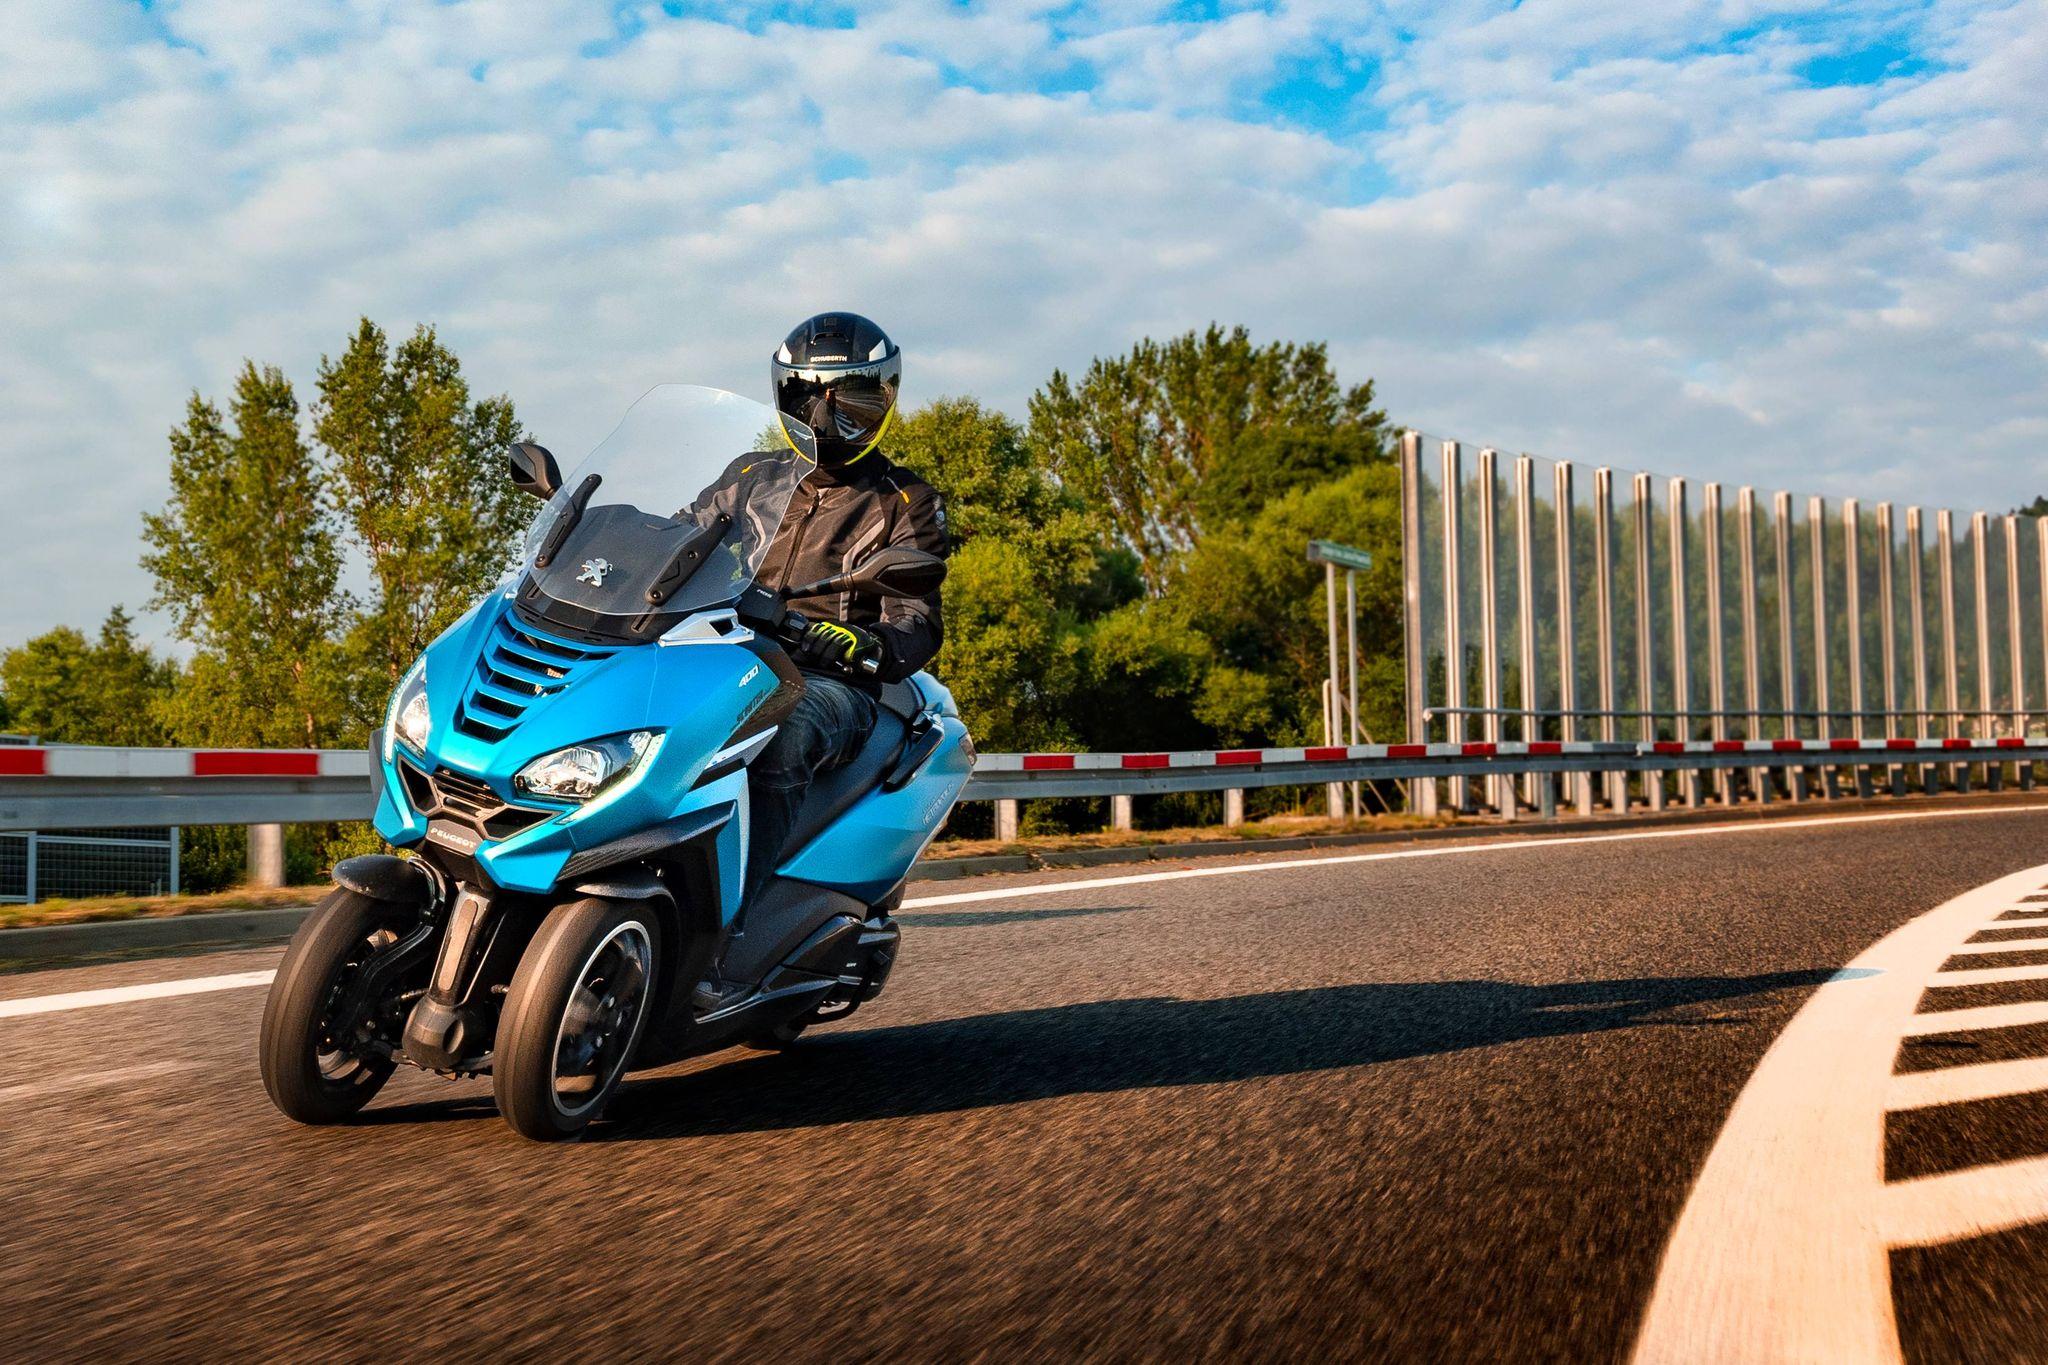 Peugeot Metropolis 400 2021